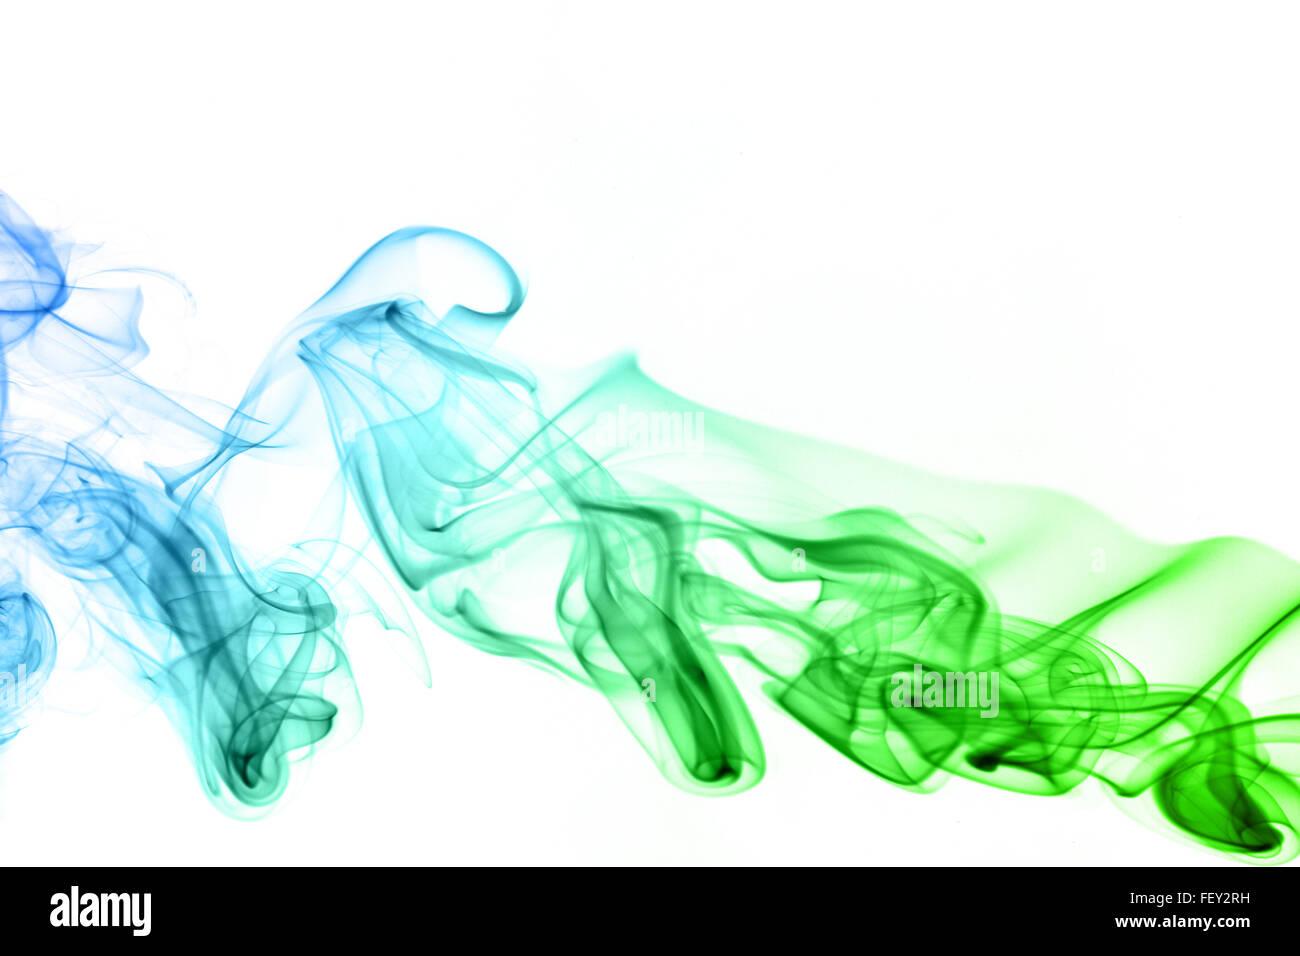 Farbigen Rauch isoliert auf weißem Hintergrund Stockbild